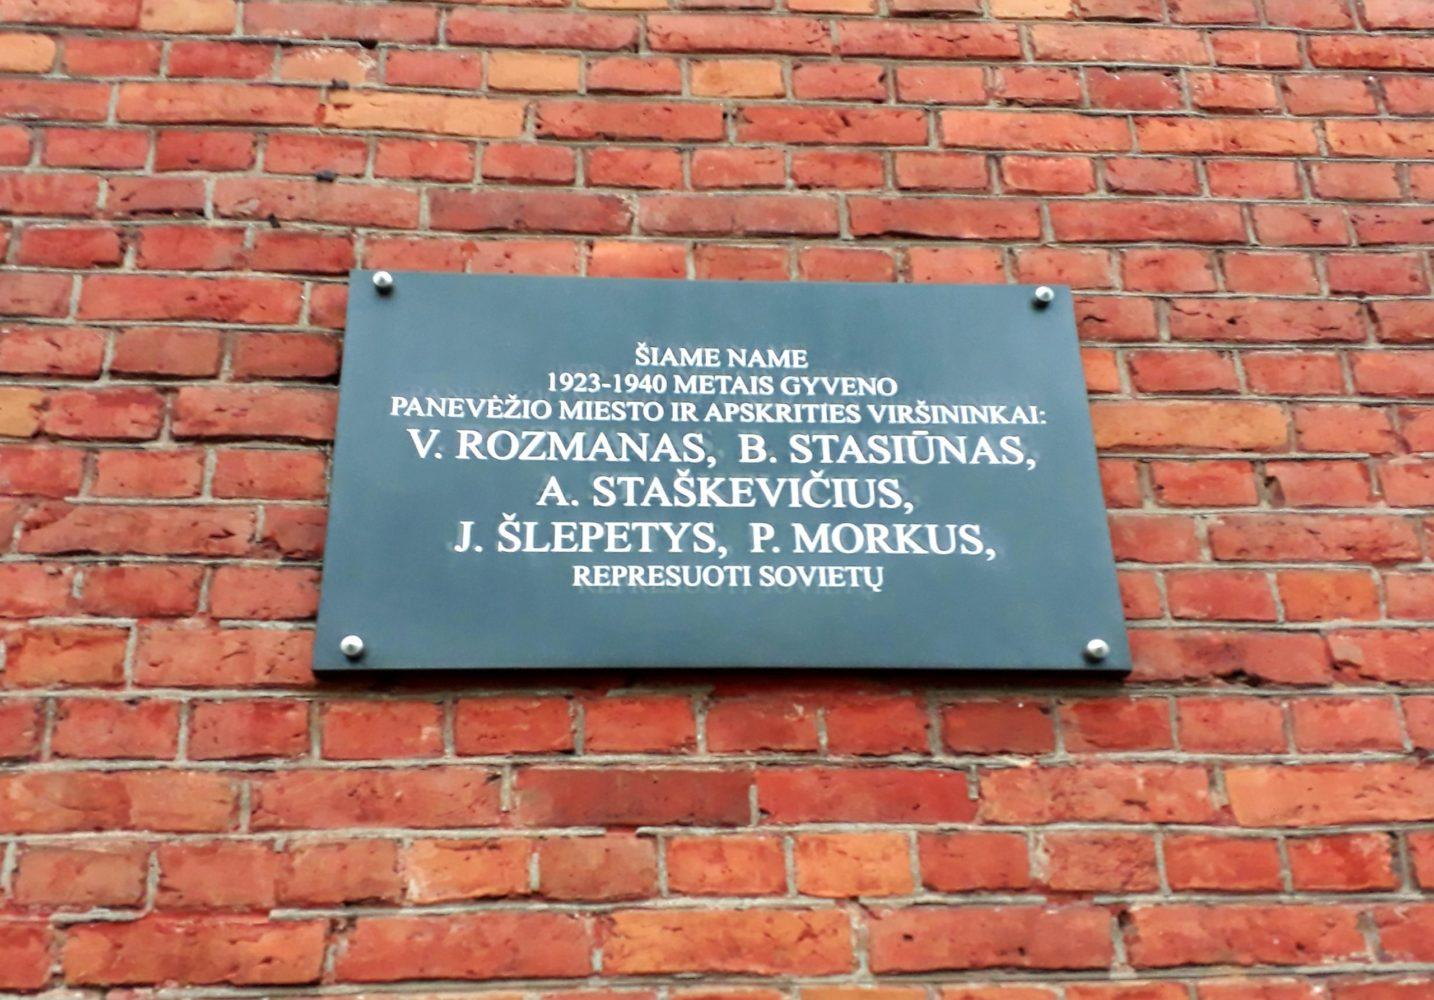 Atminimo lenta prieškario Panevėžio miesto ir apskrities viršininkams V. Rozmanui, B. Stasiūnui, A. Staškevičiui, J. Šlepečiui, P. Morkui. Nuotrauka Astos Rimkūnienės